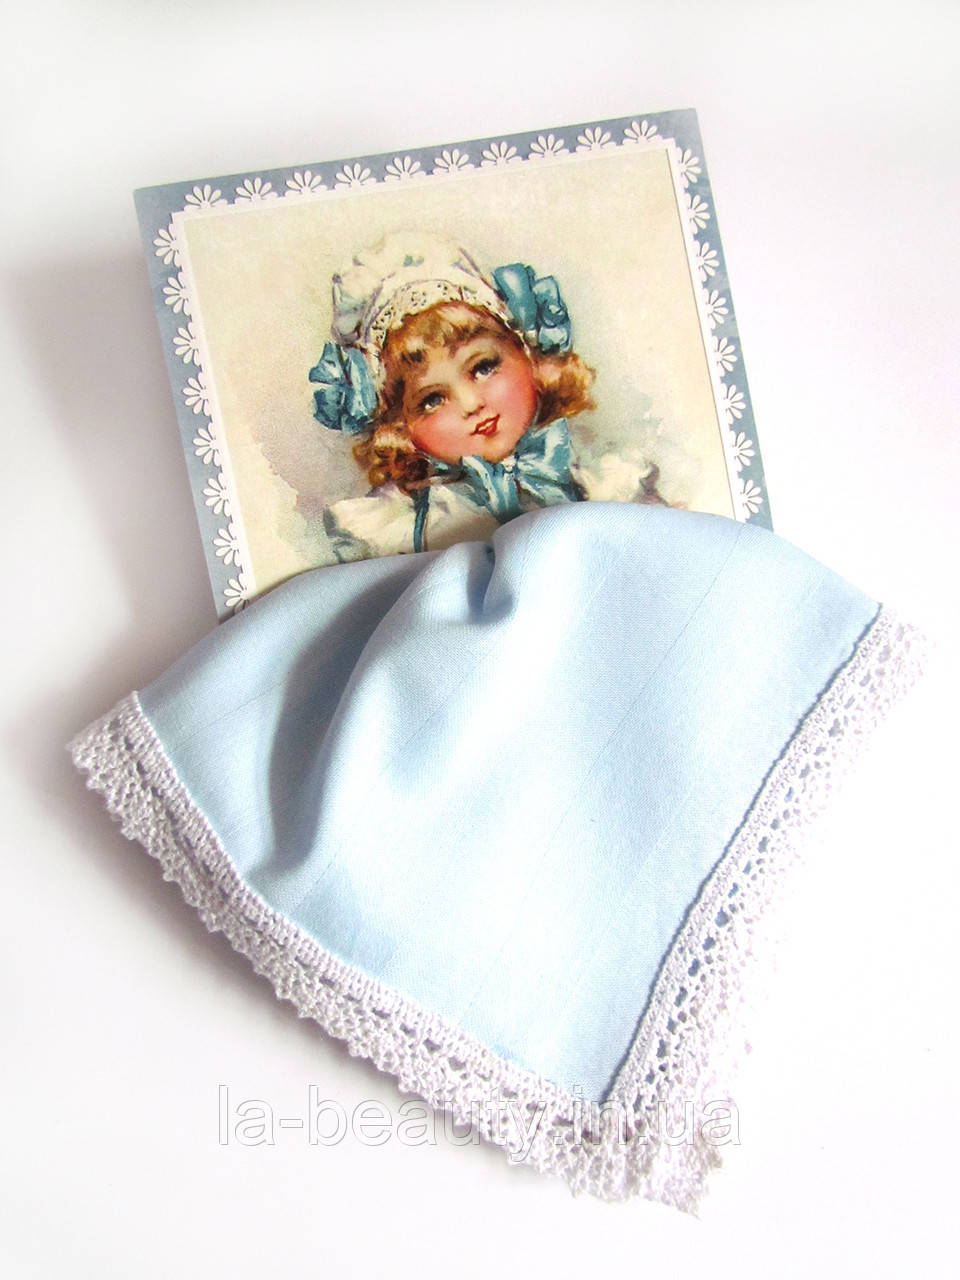 Подарочный носовой платок голубой на открытке